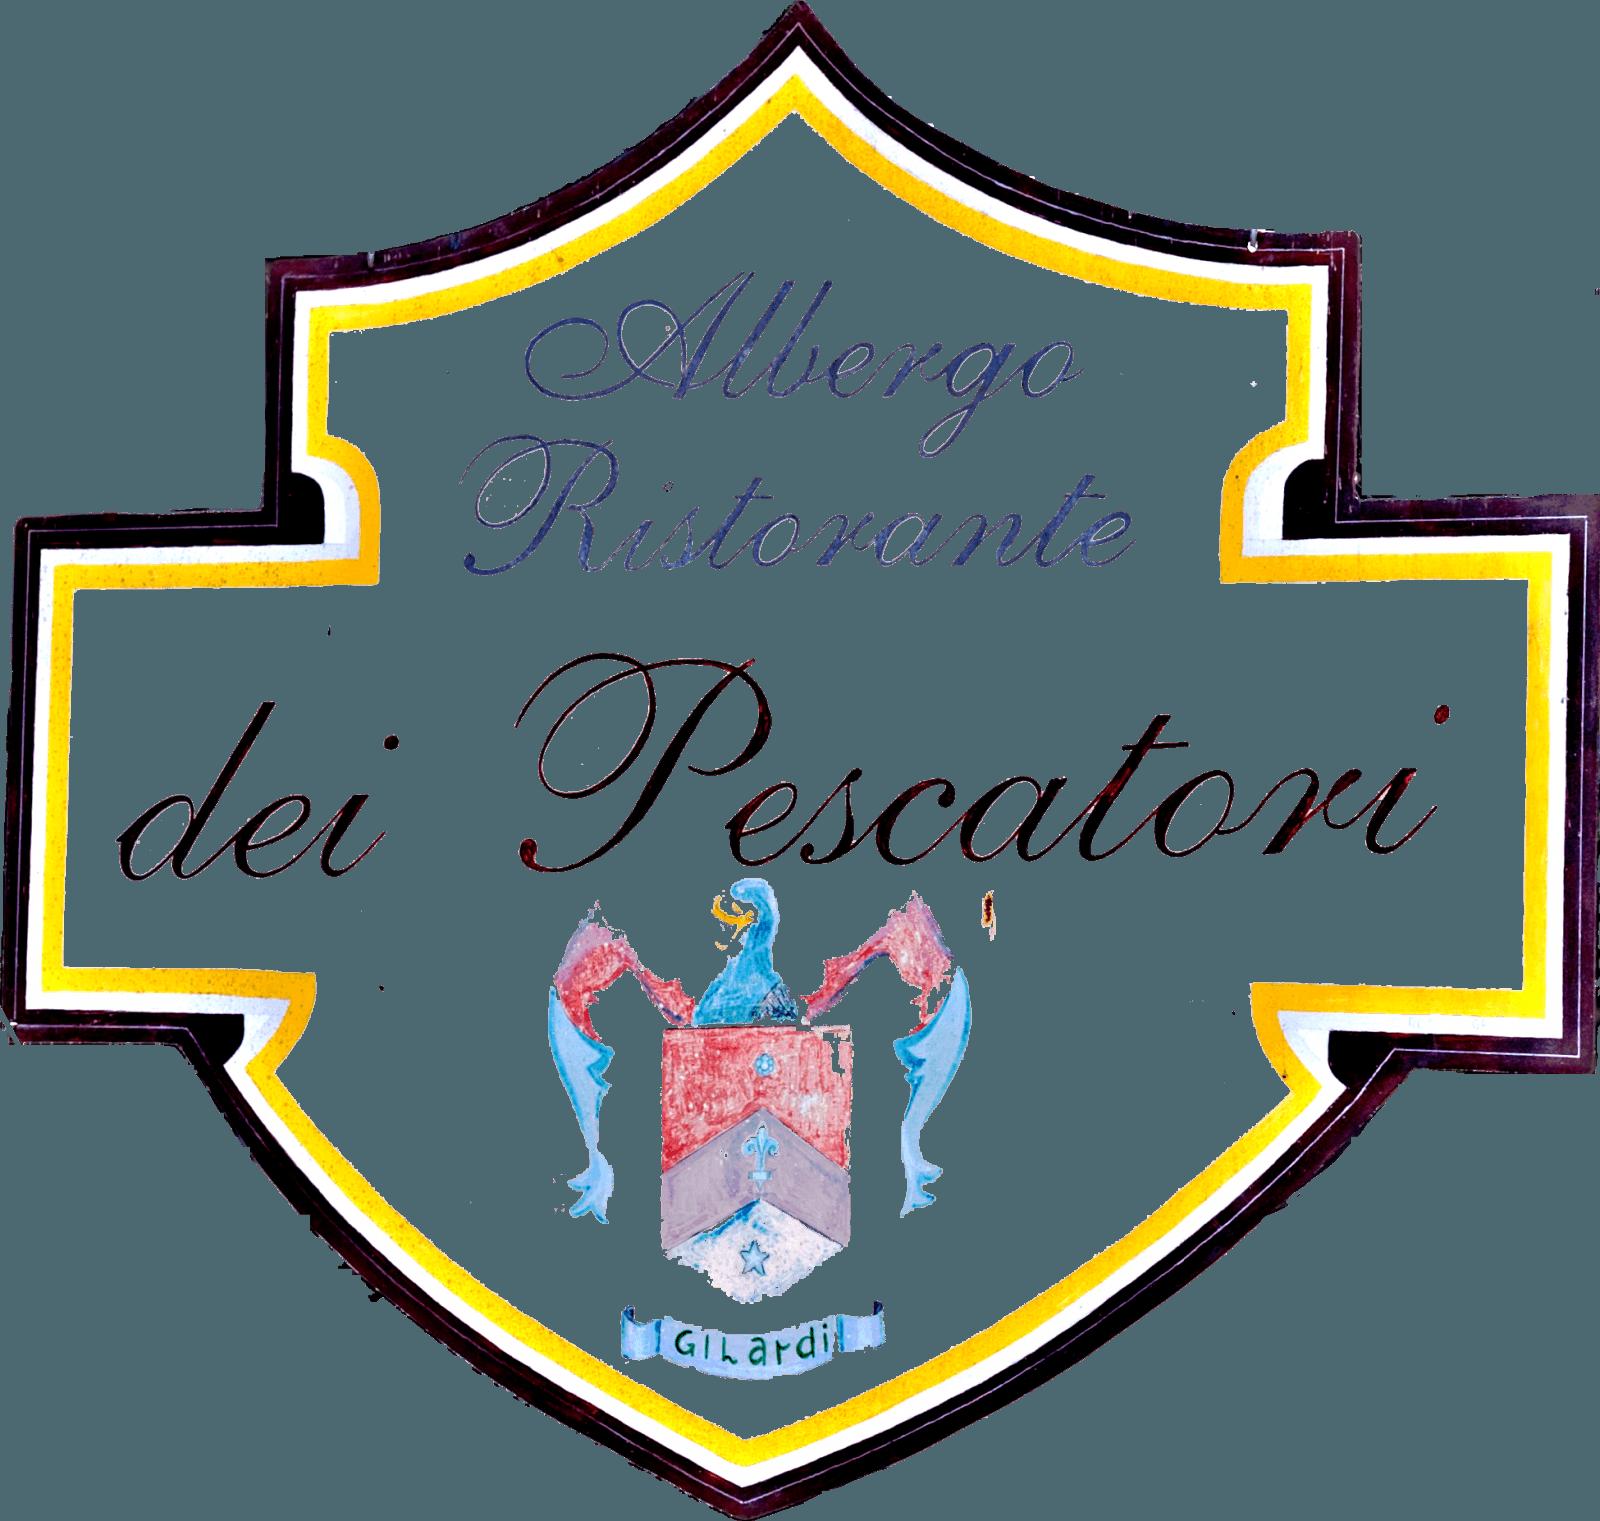 Albergo Pescatori Piode Logo